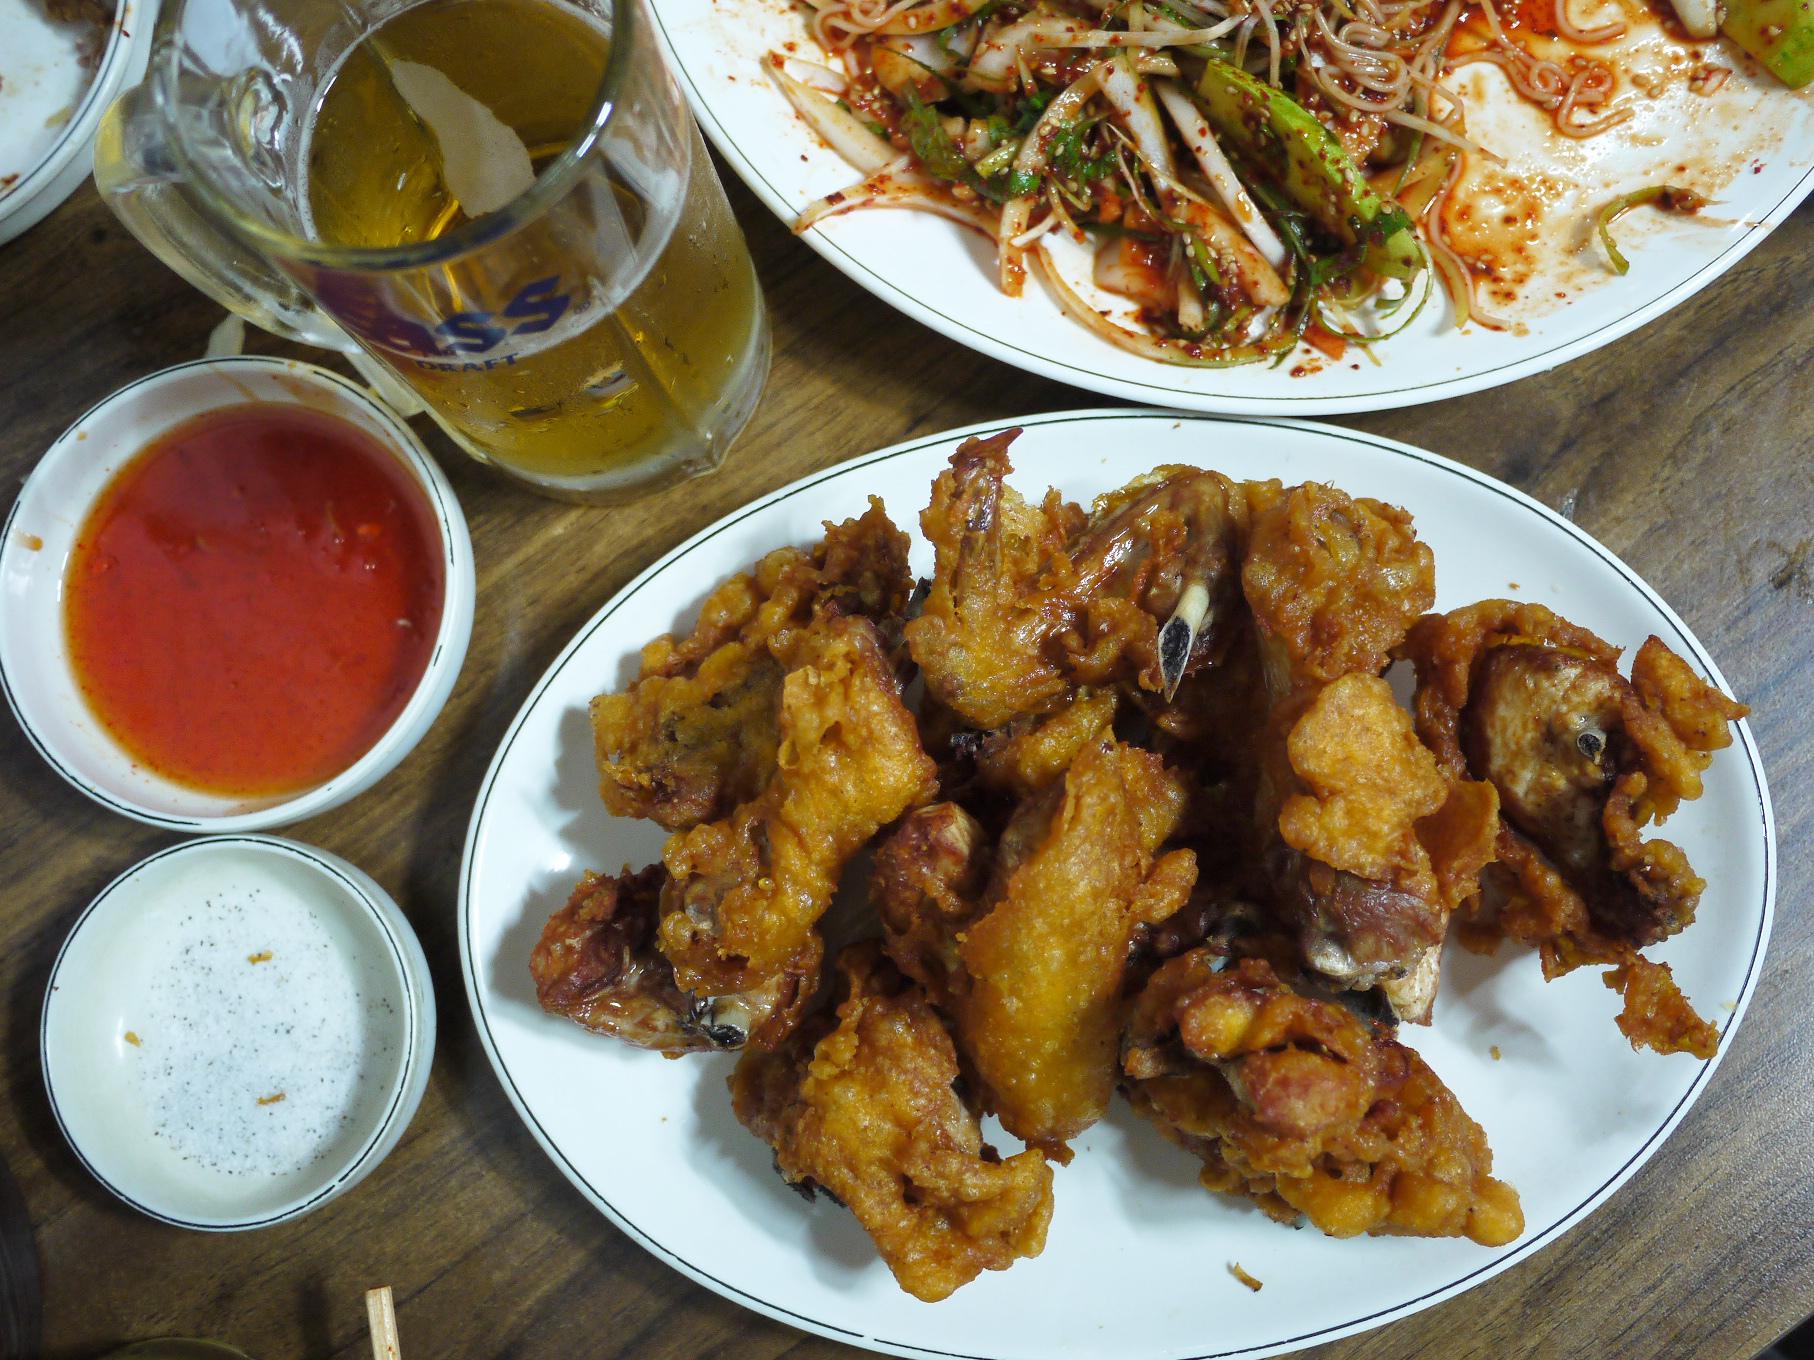 엉터리통닭, 치킨, 통닭